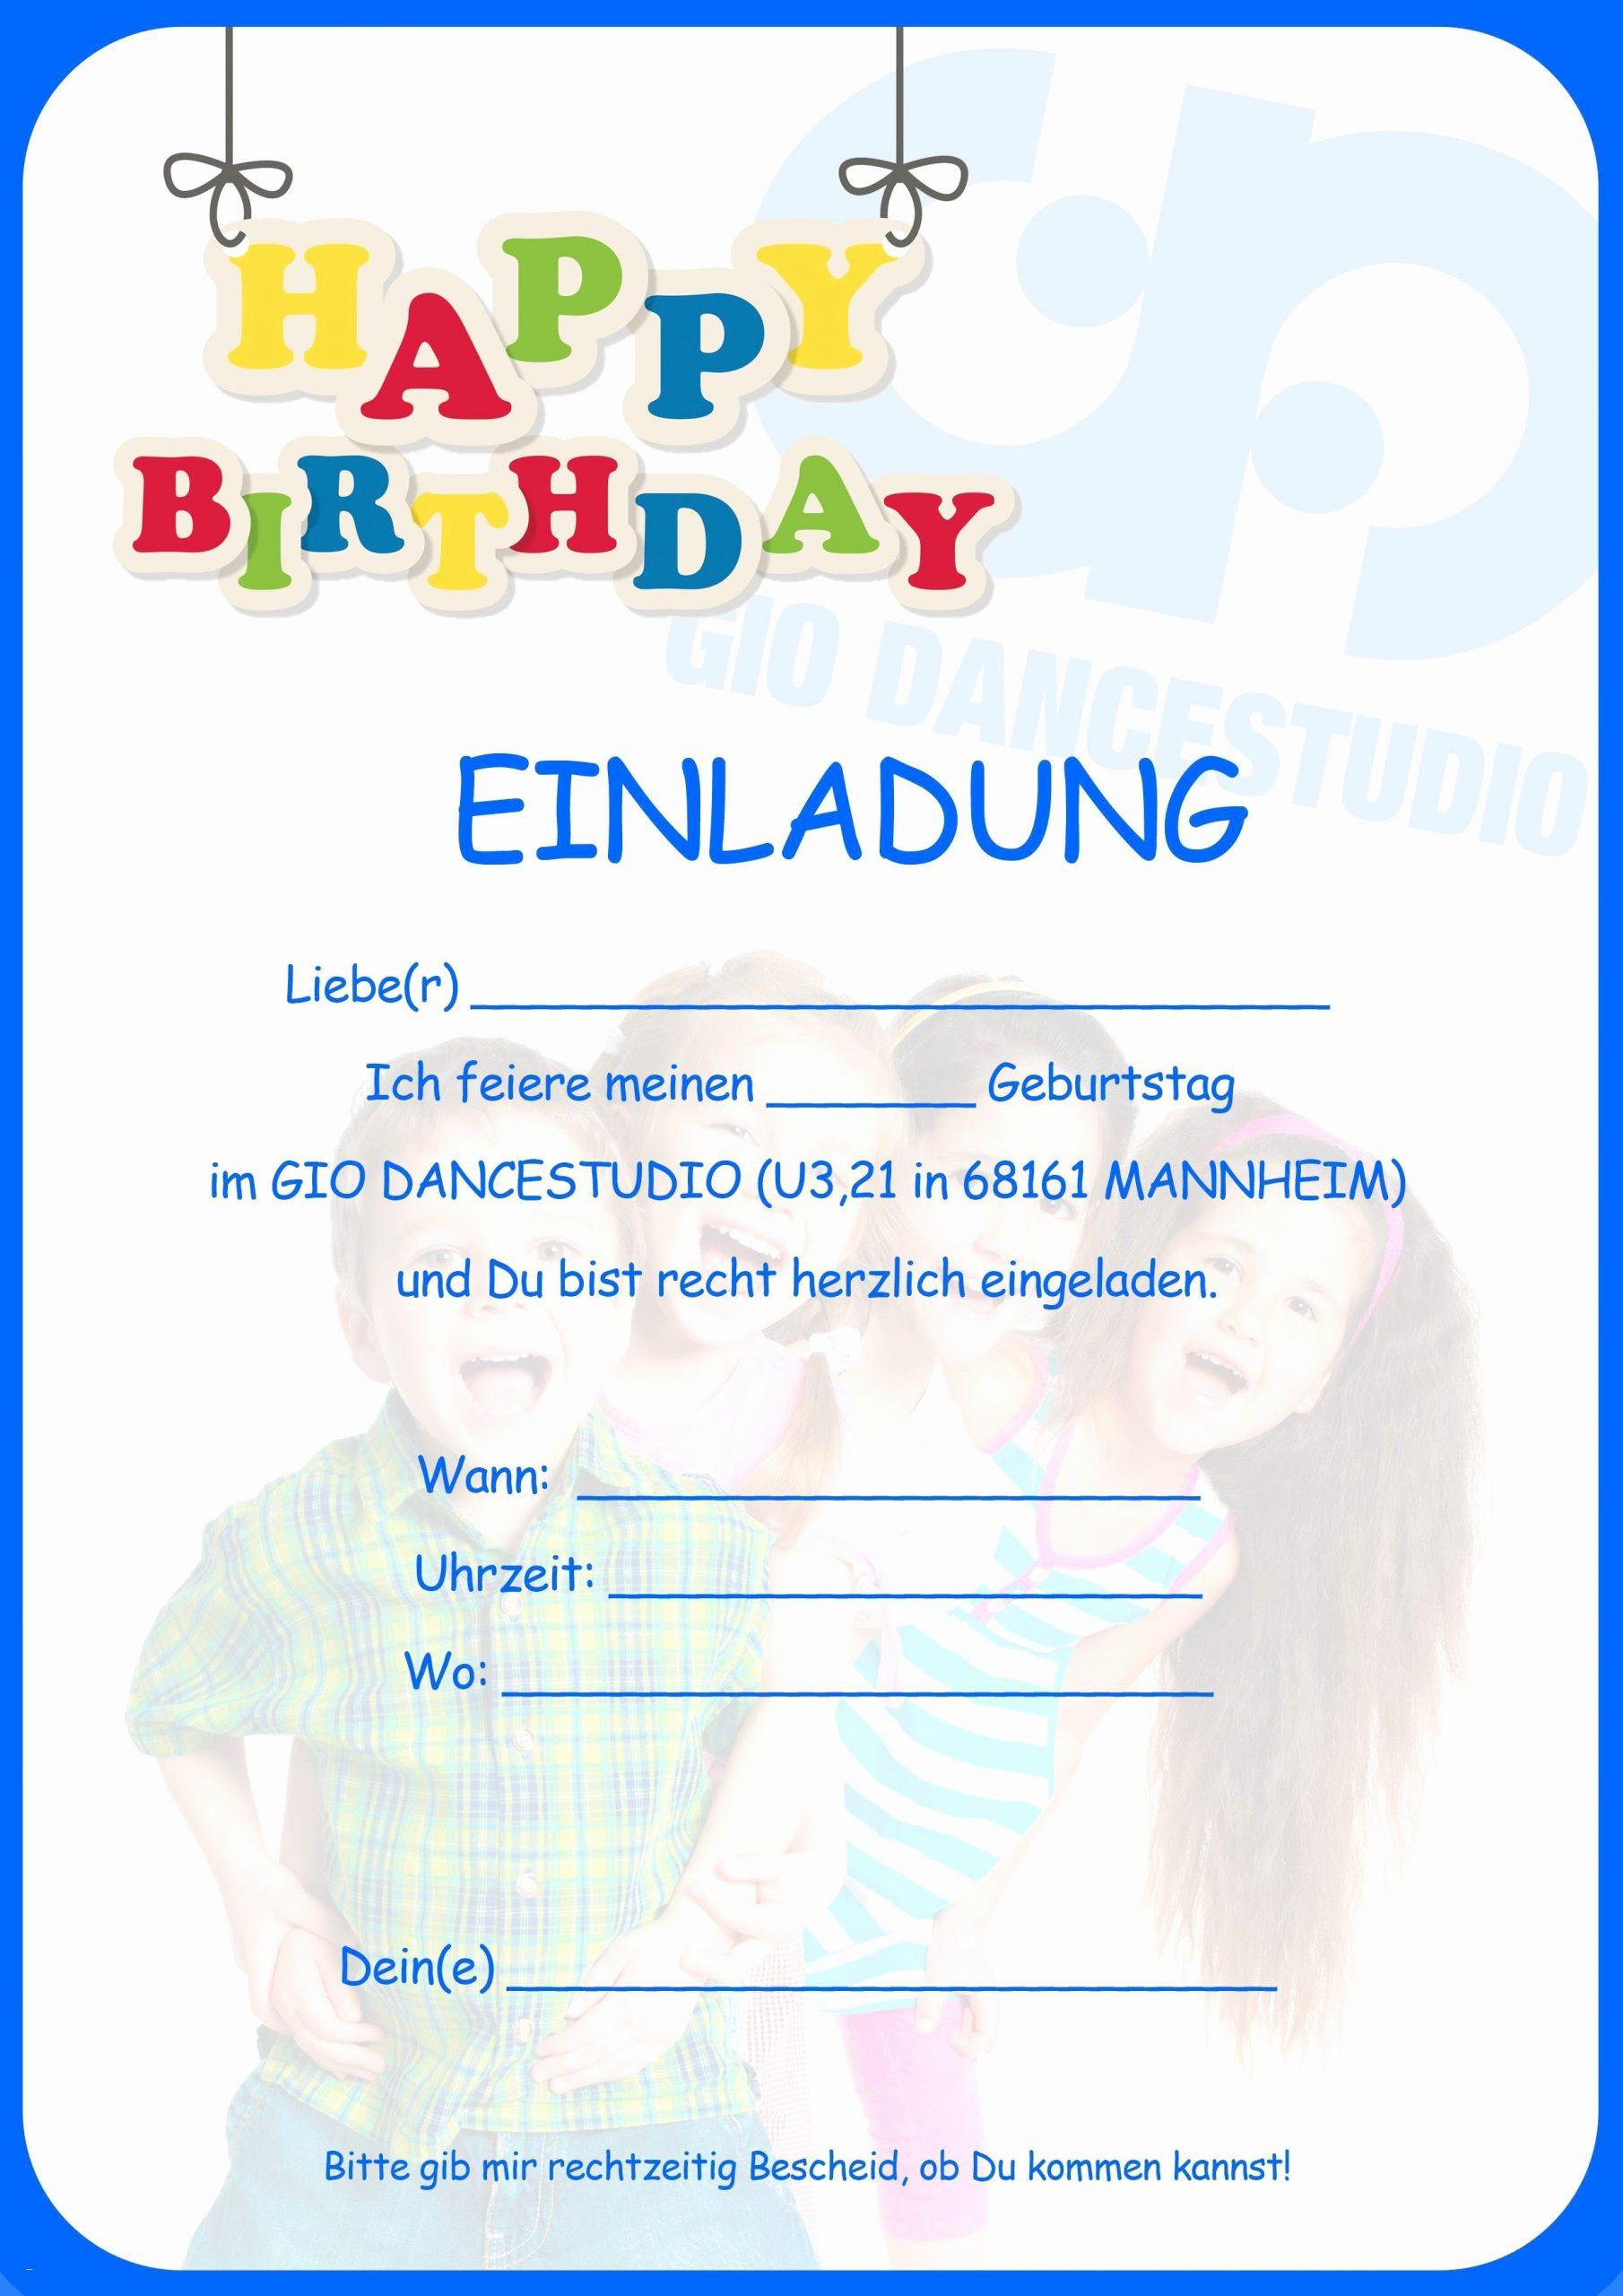 Kindergeburtstagseinladungen Zum Ausdrucken Kostenlos Schön ganzes Einladungskarten Zum Ausdrucken Kinder